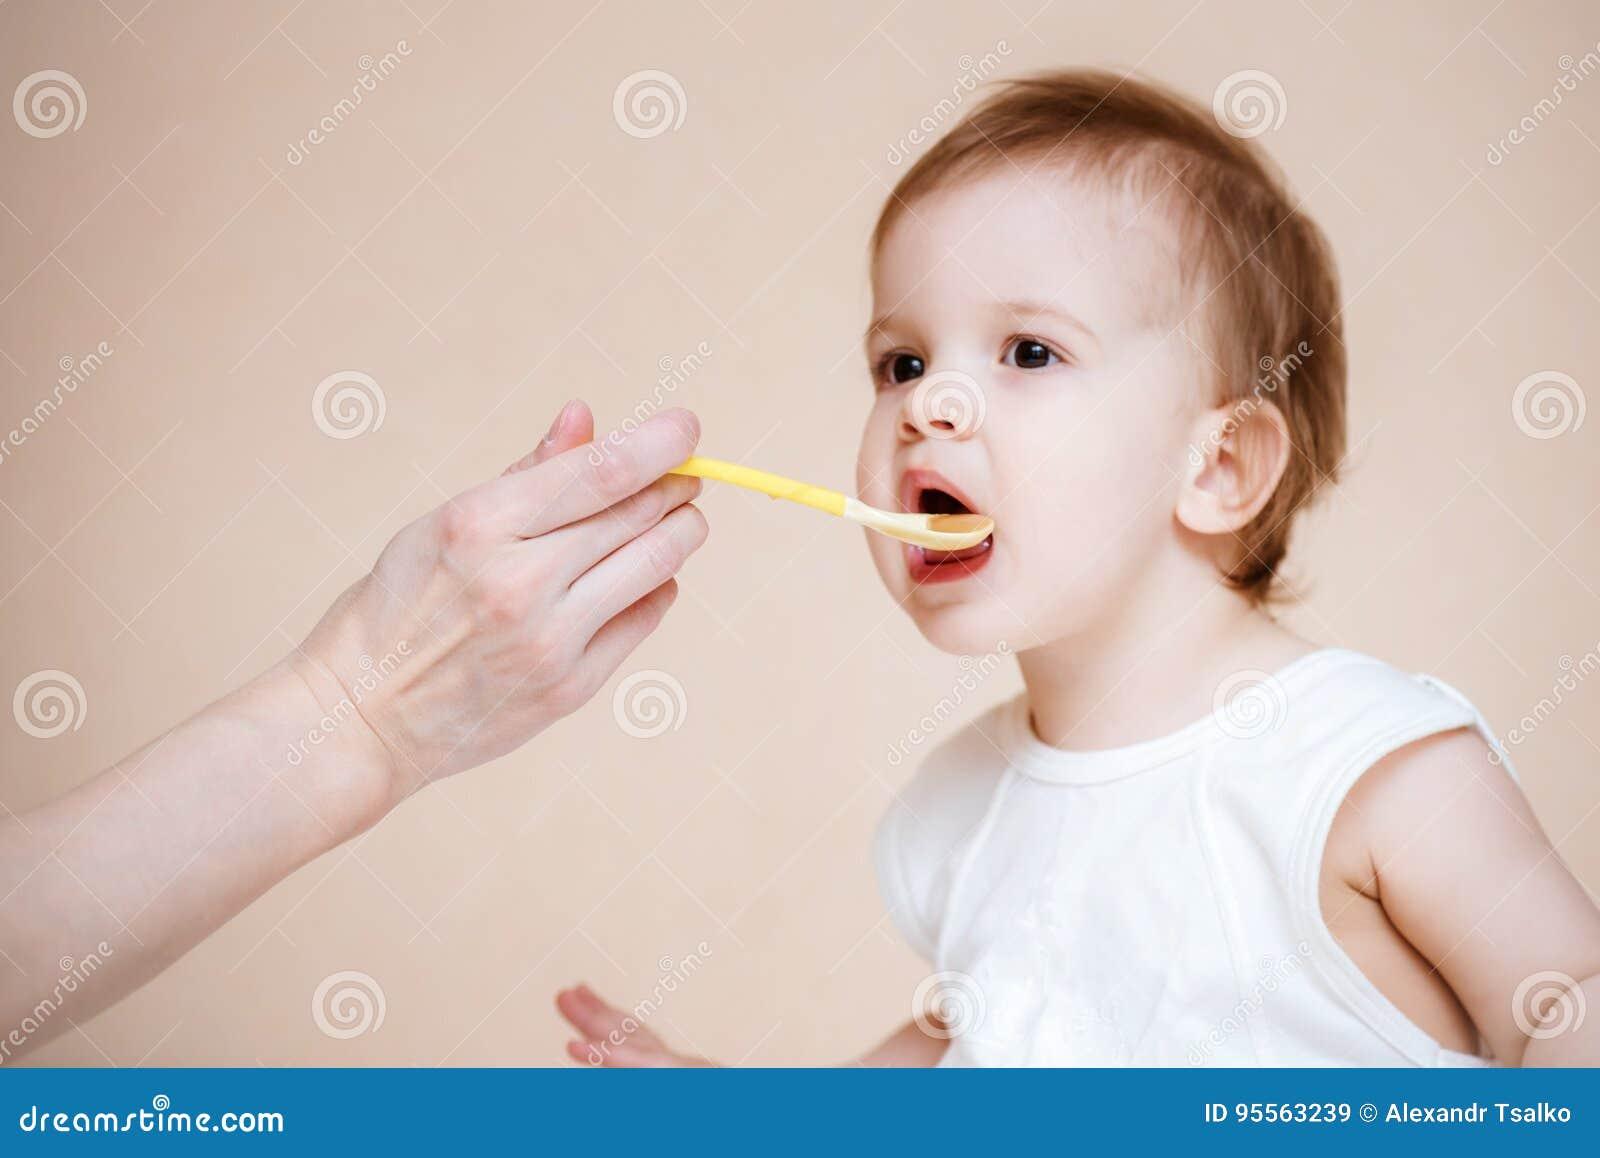 Mutter zieht das Baby mit Fruchtmus ein